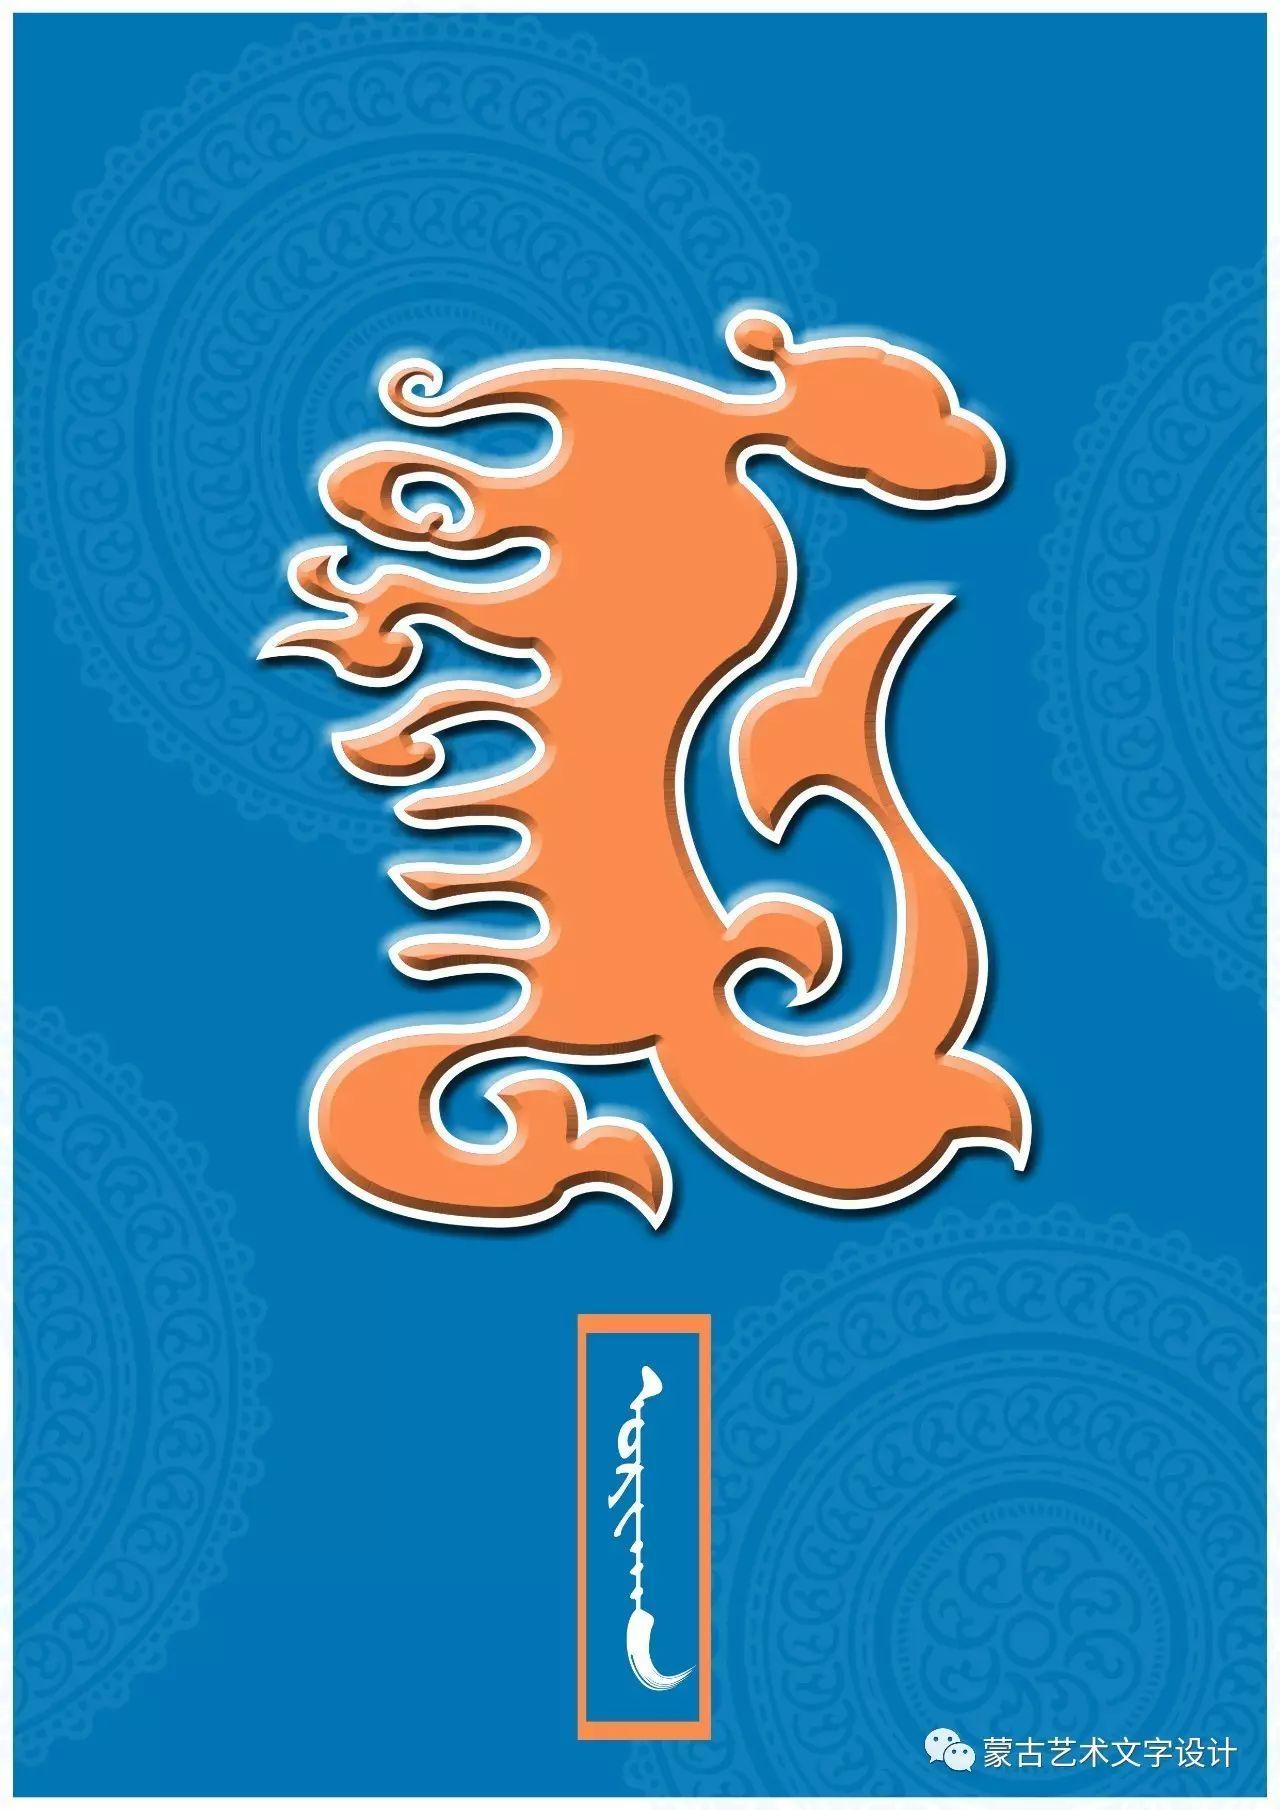 蒙古艺术文字设计 第37张